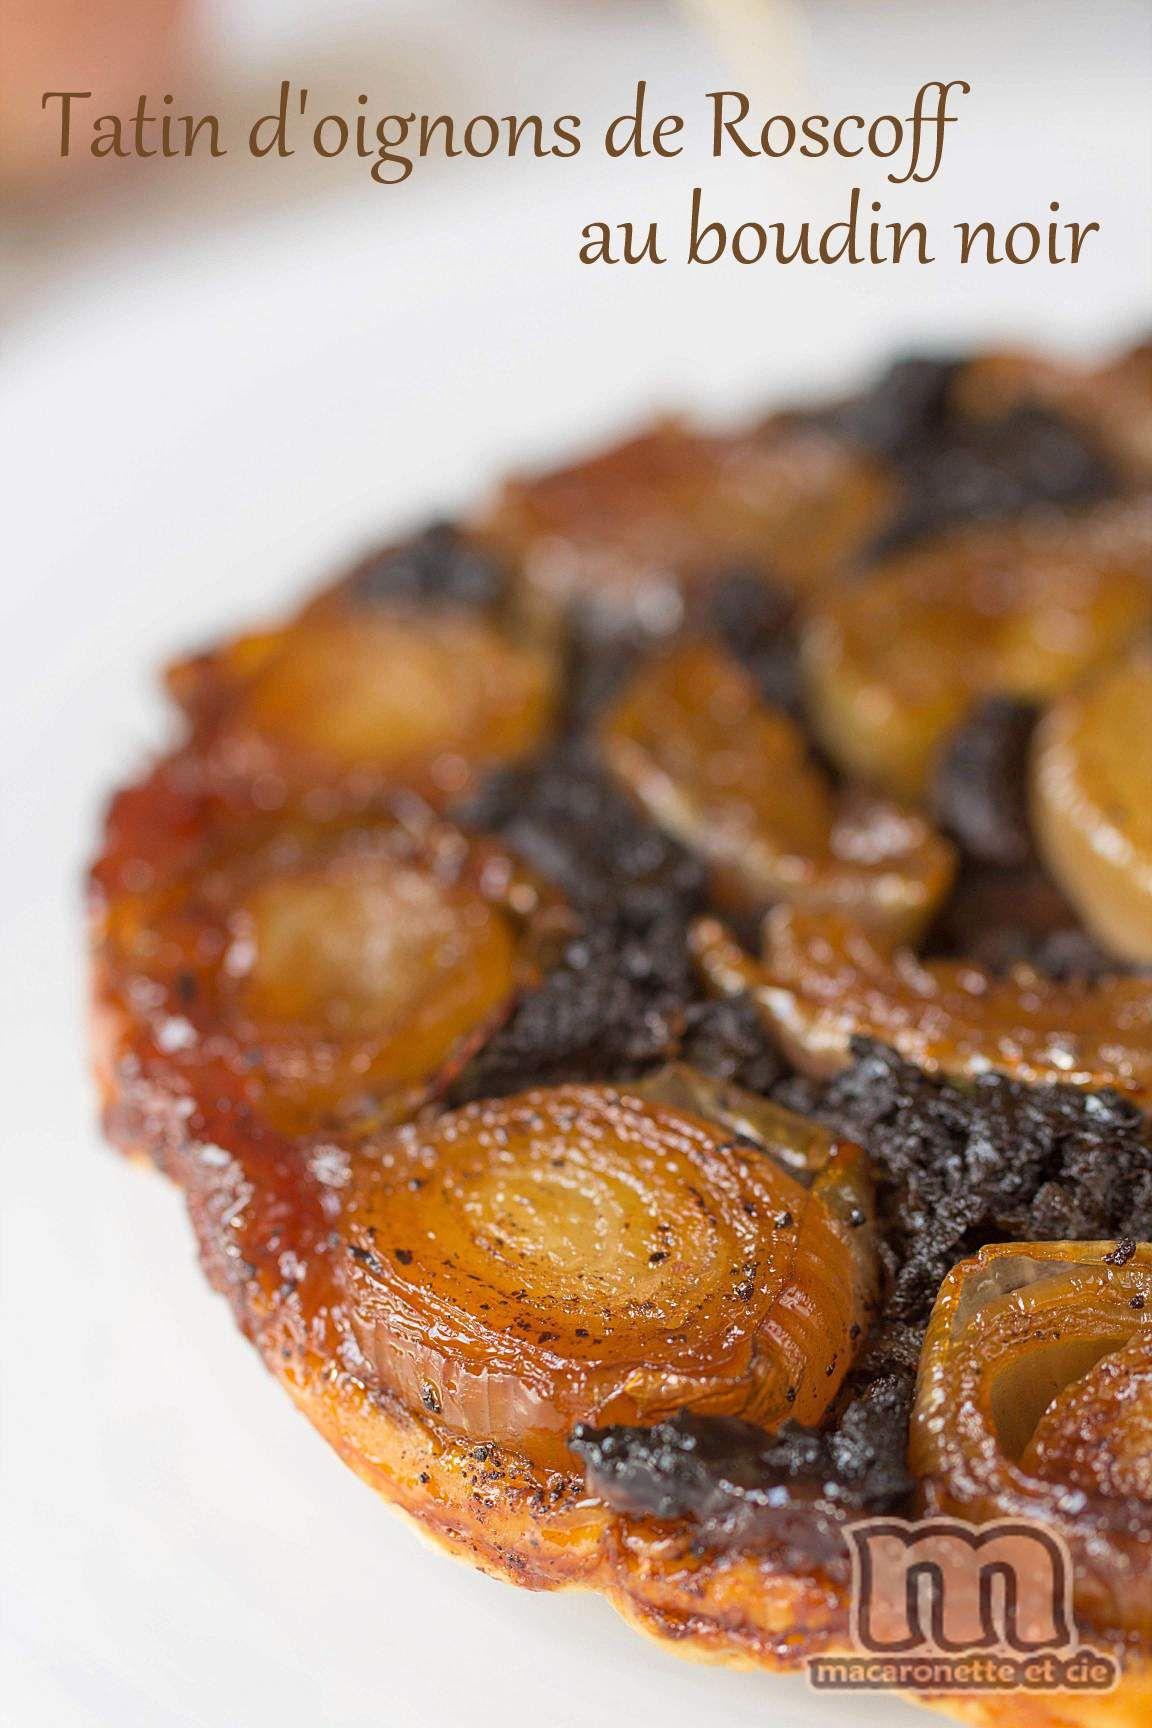 une recette de tatin d 39 oignons de roscoff au boudin noir french food pinterest. Black Bedroom Furniture Sets. Home Design Ideas